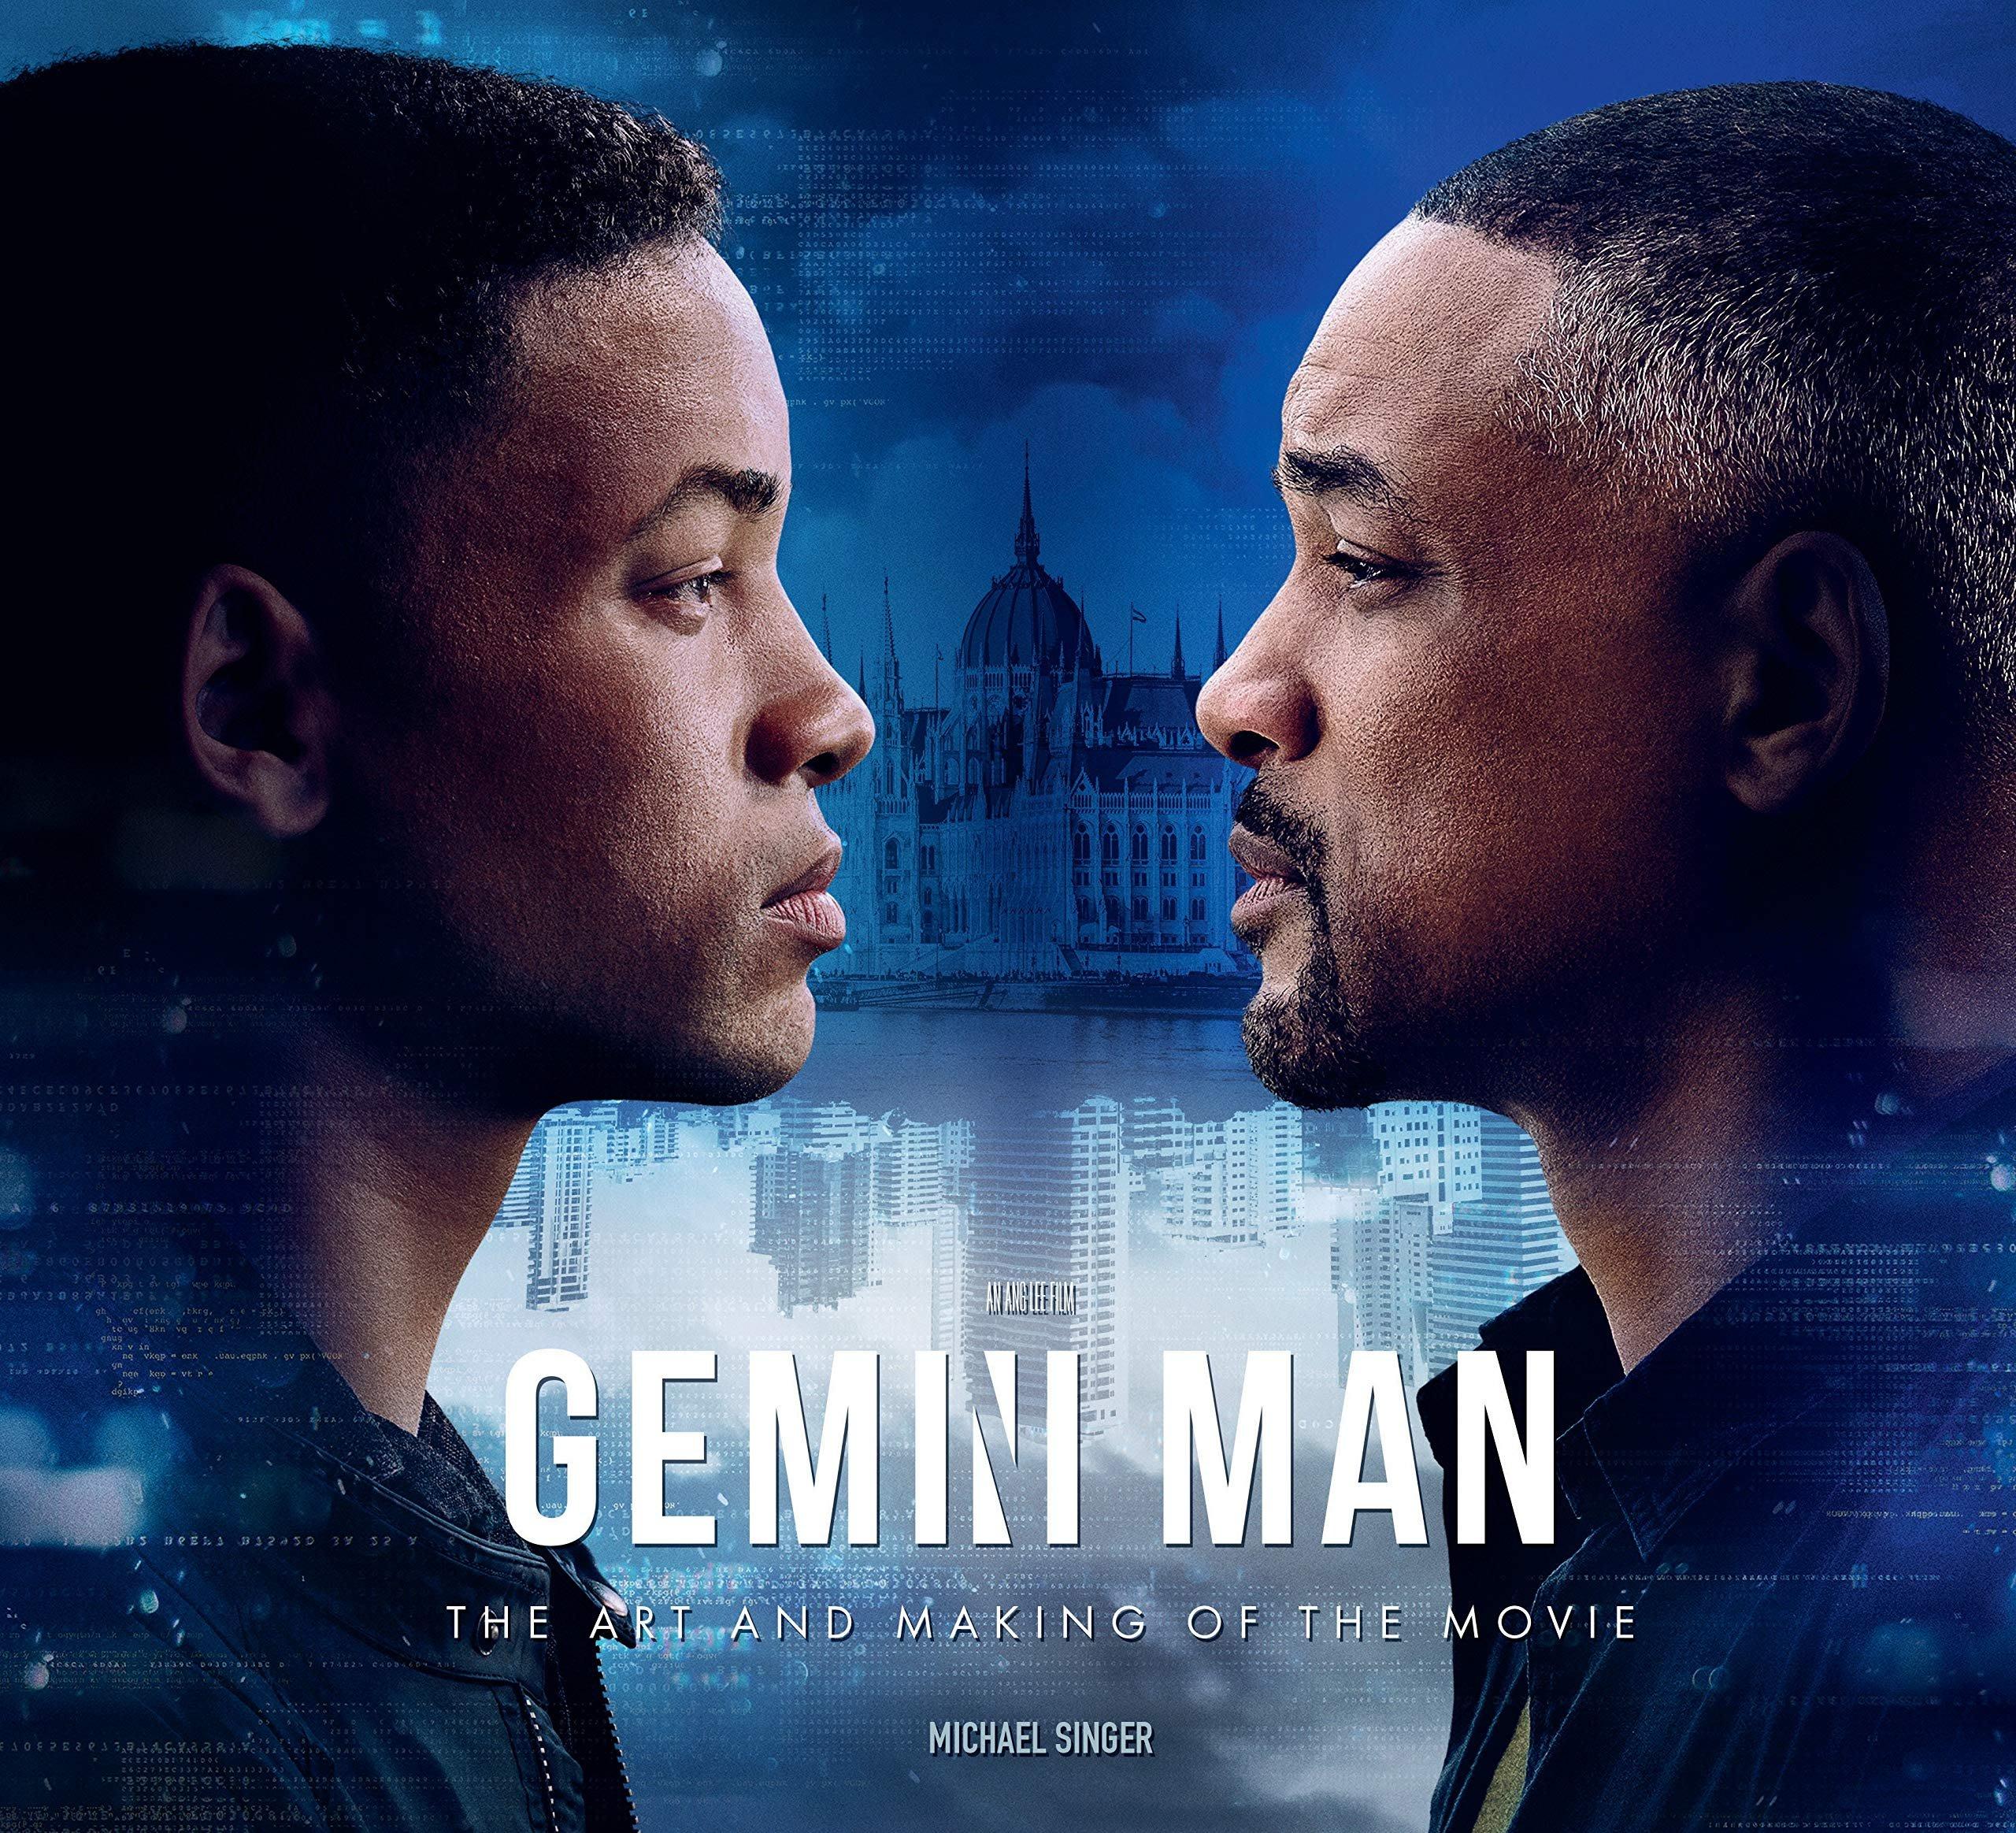 【布魯樂】《代訂中》[美版書籍]李安/威爾史密斯《雙子殺手Gemini Man》電影畫集(9781789092233)